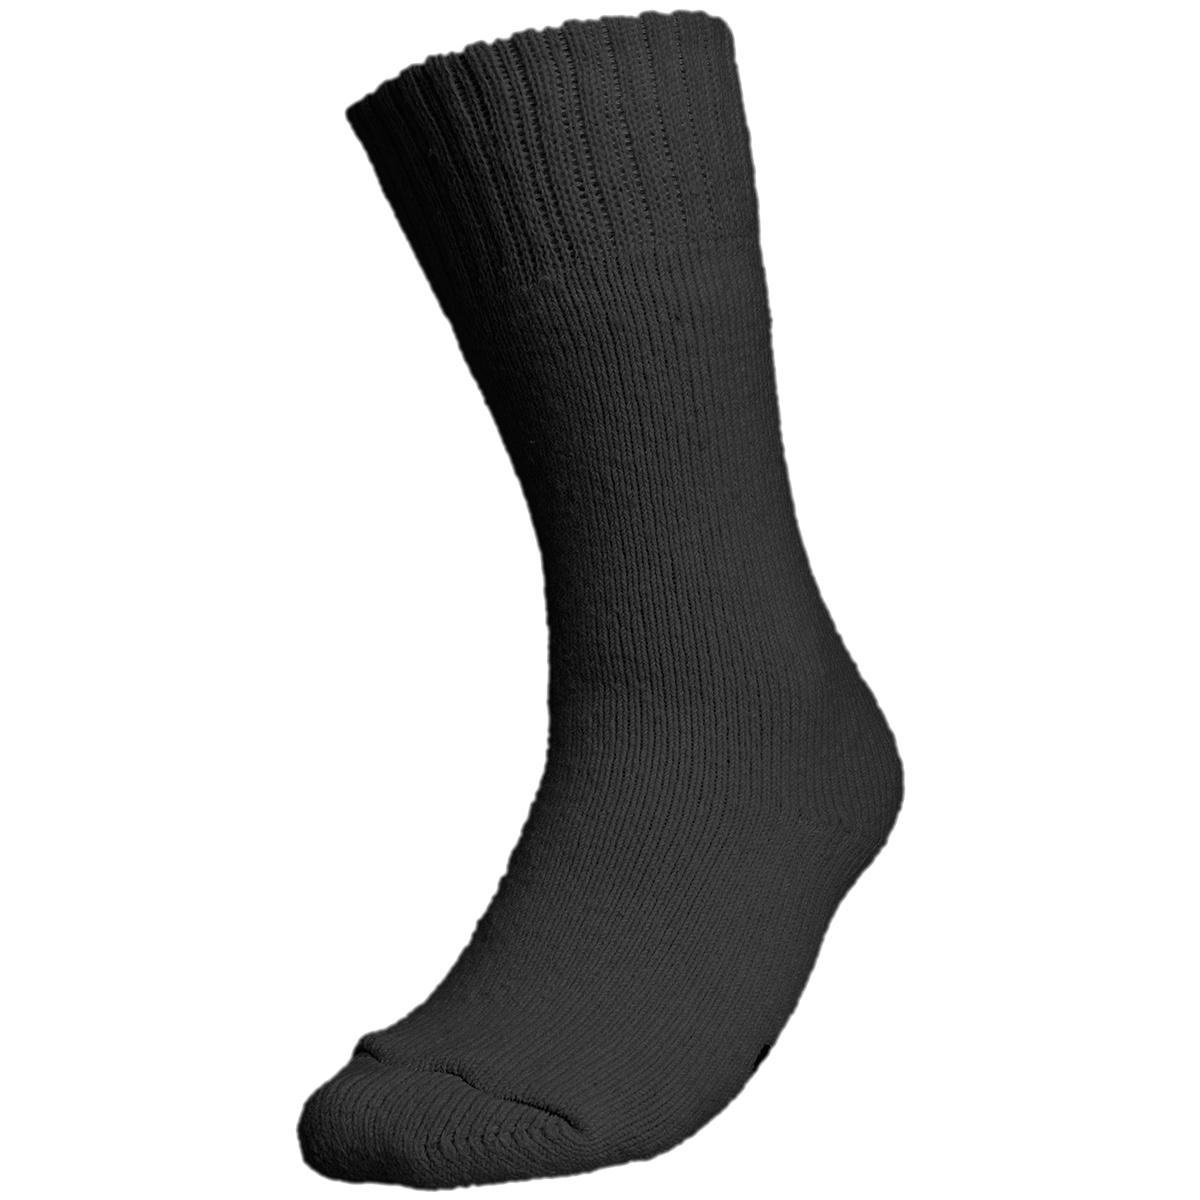 Ebony socks